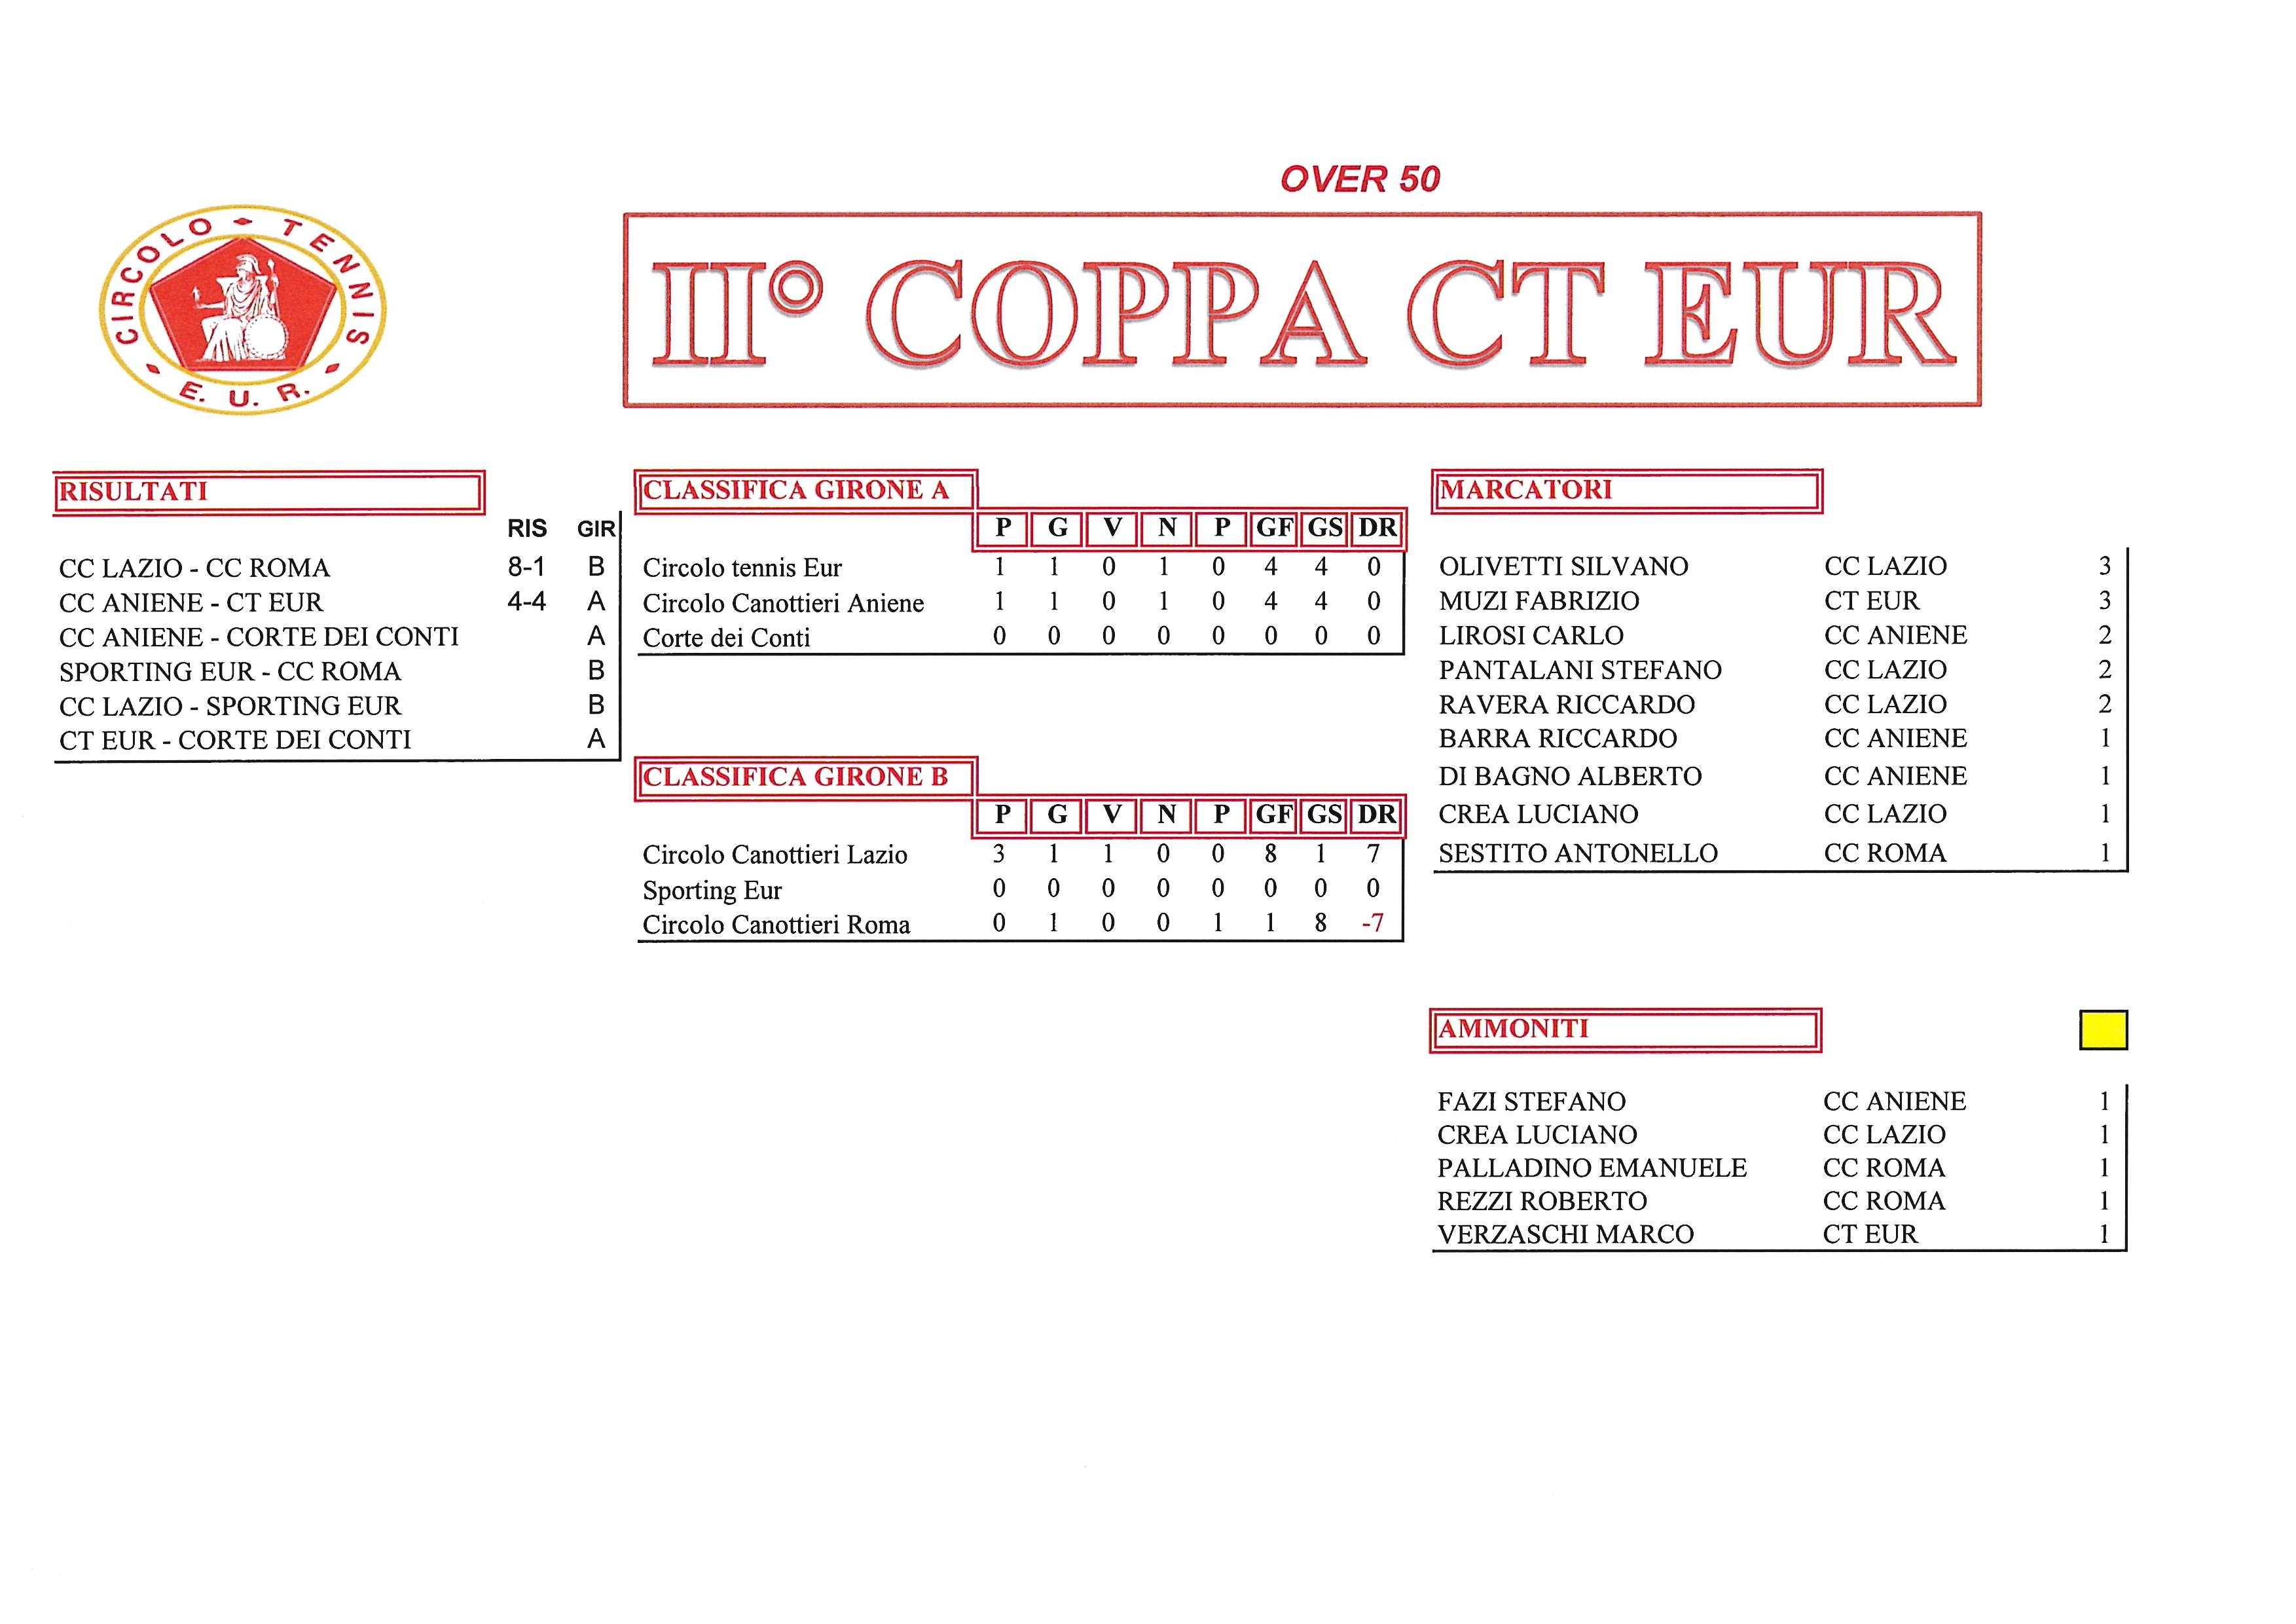 Coppa CT Eur risultati del 21 settembre2017 over 50